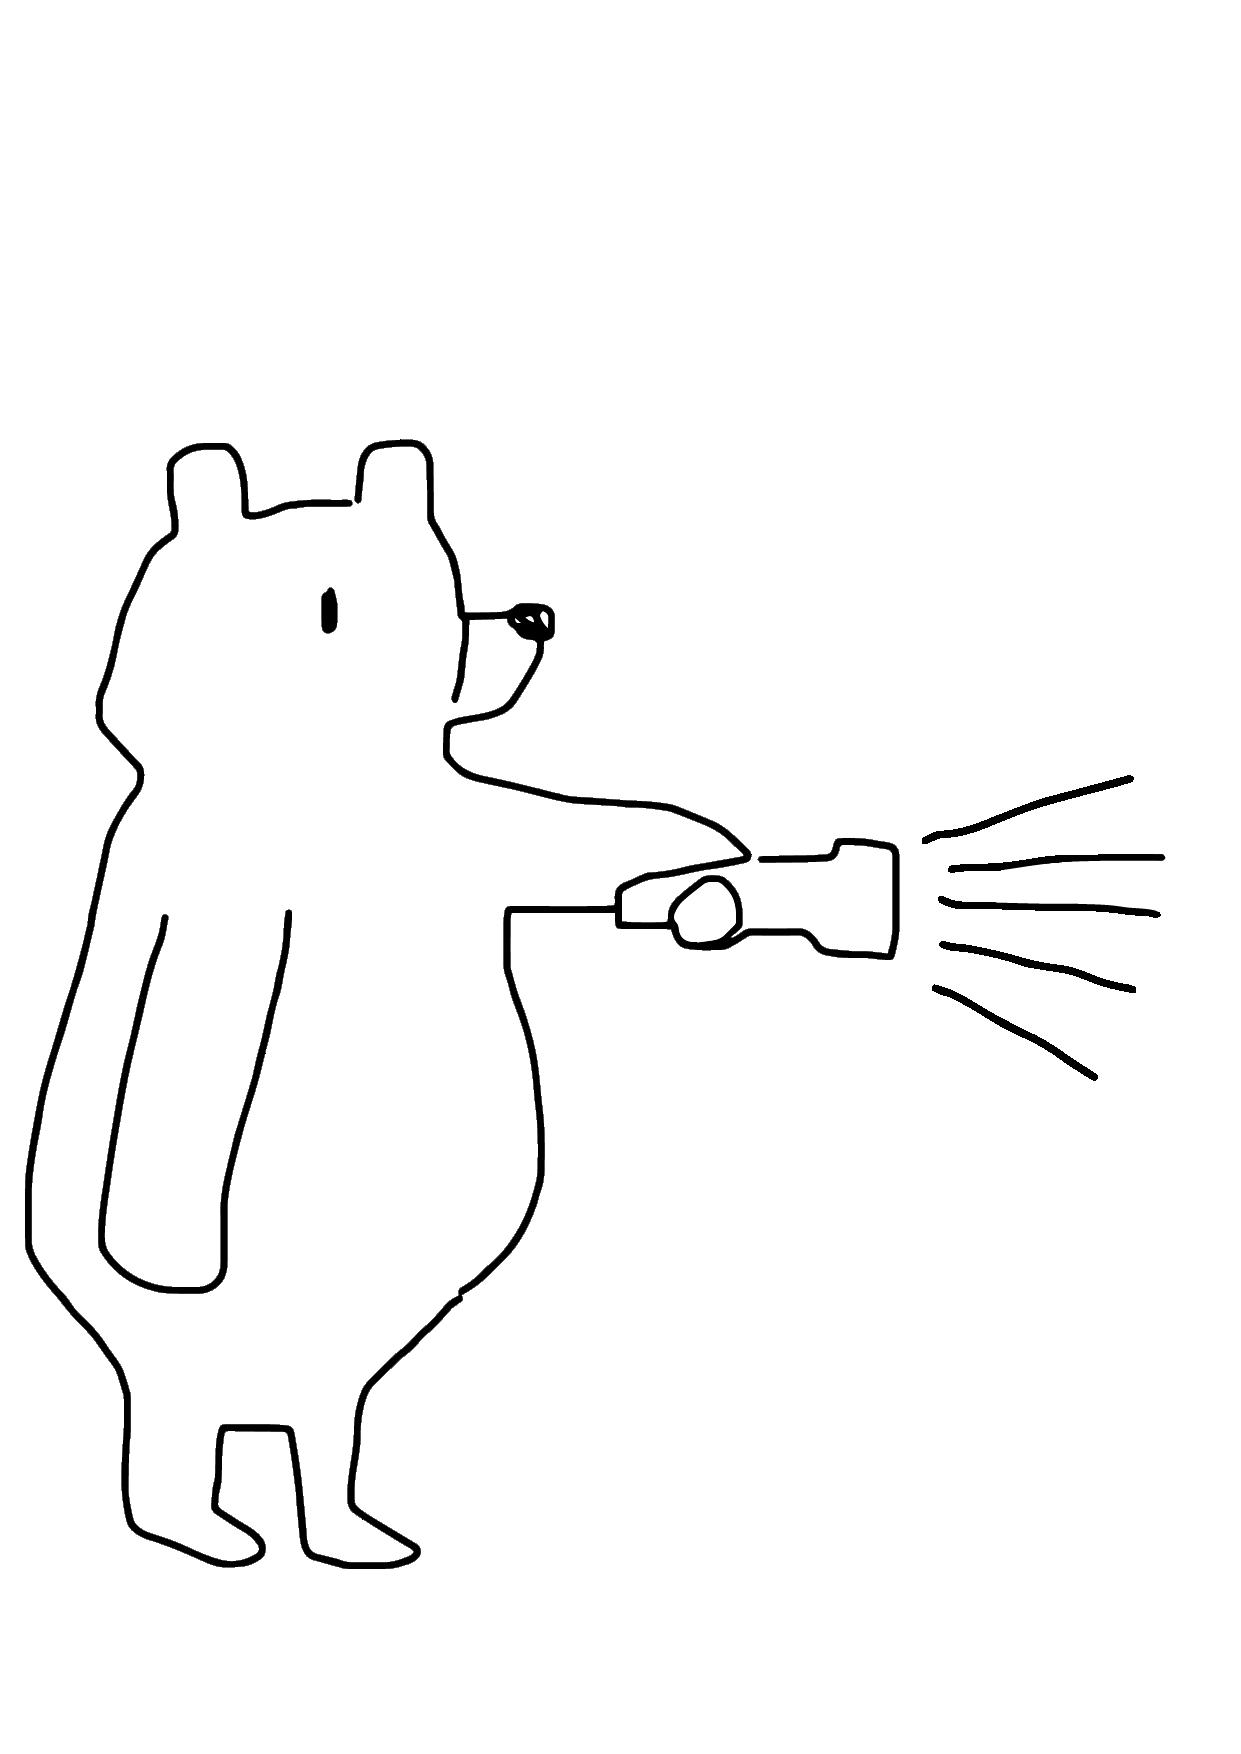 FINAL BEAR-02.png